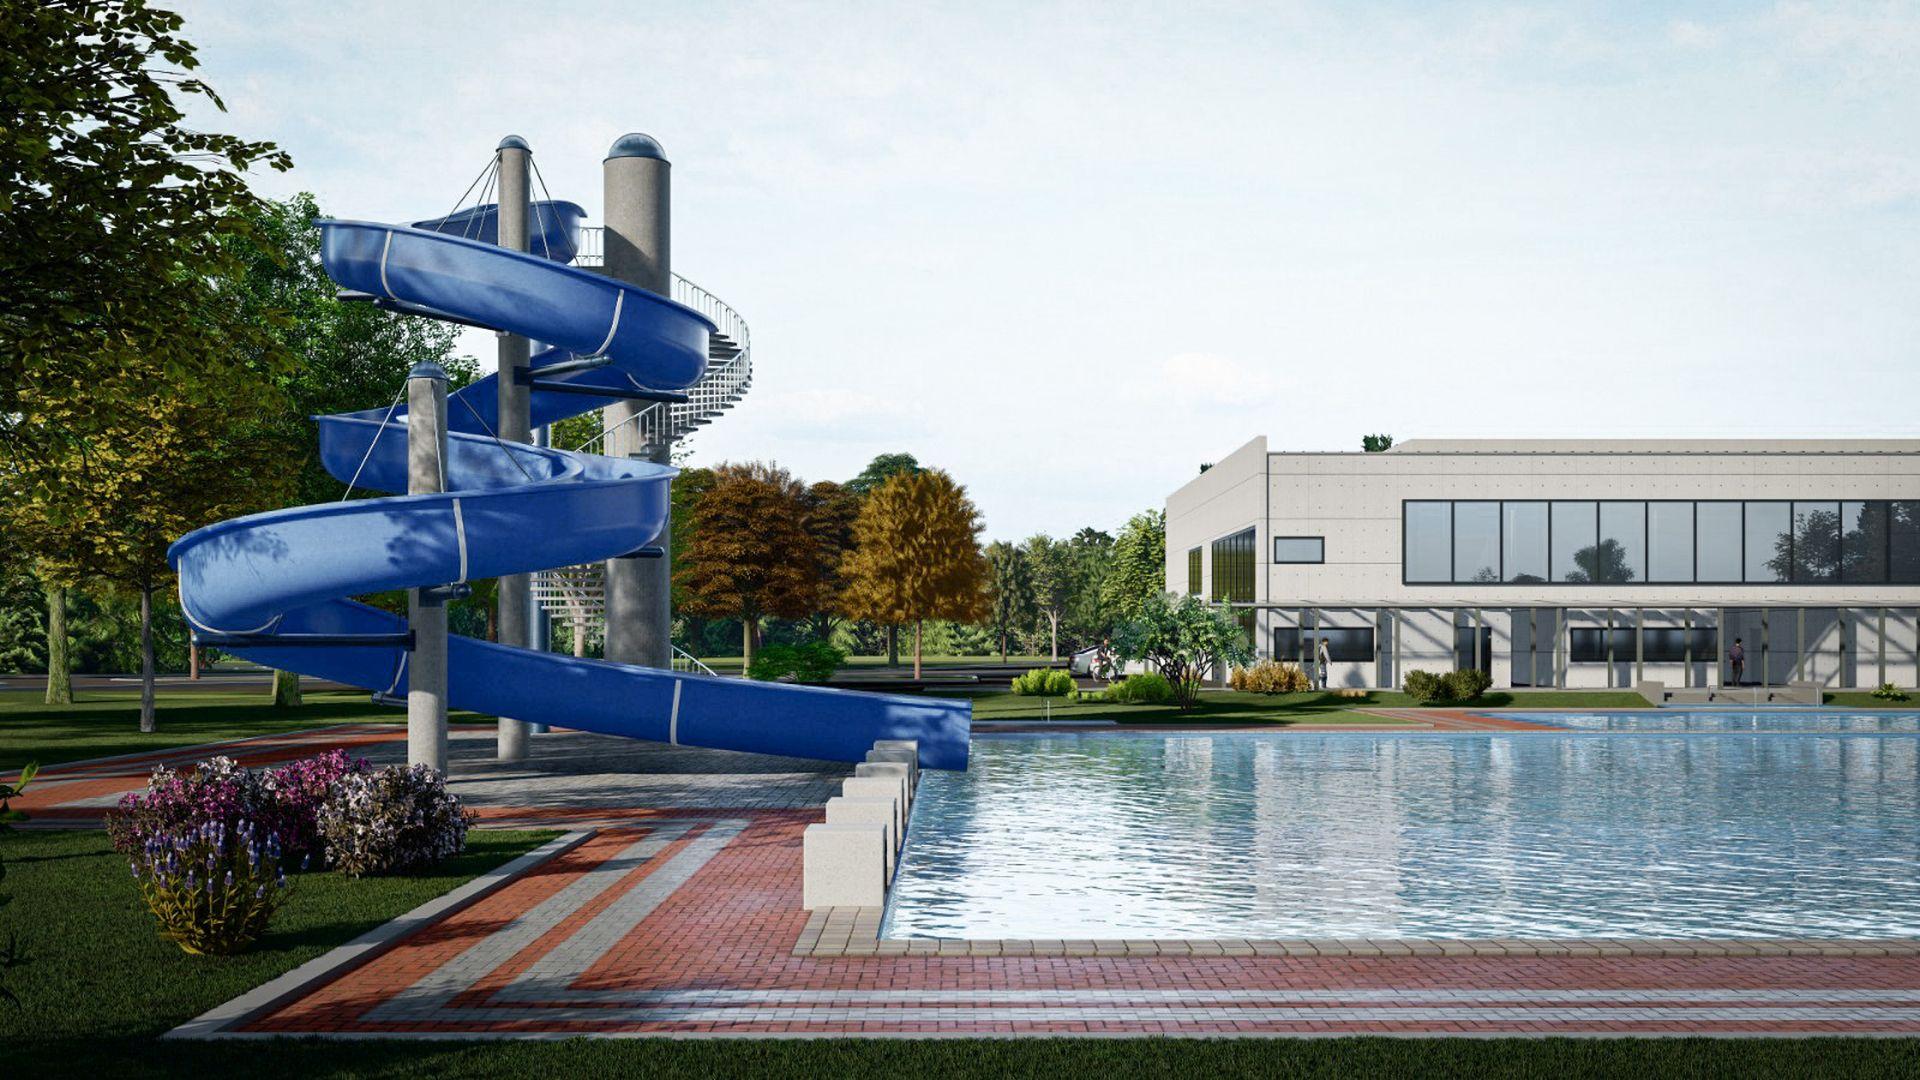 Schwimmbad Moosburg Außenbecken